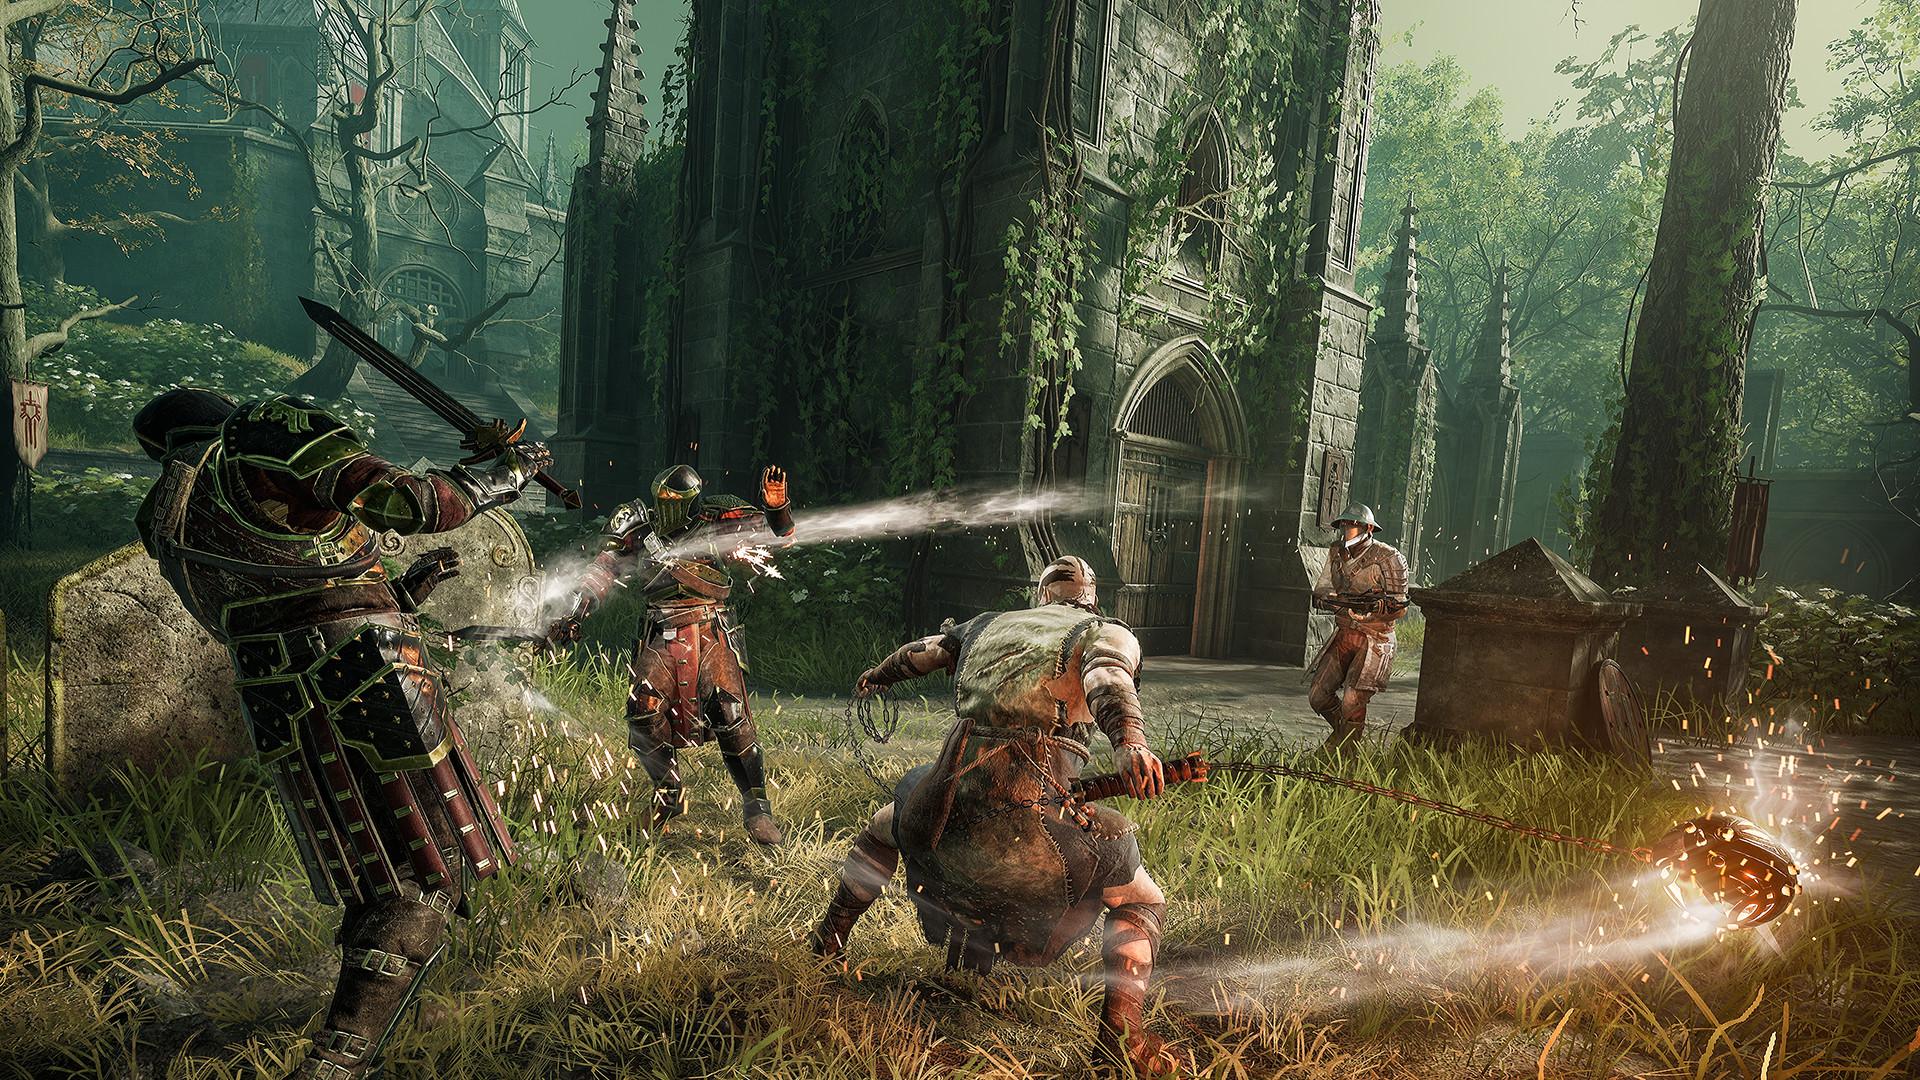 《绿林侠盗:亡命之徒与传奇》发售后内容更新预告